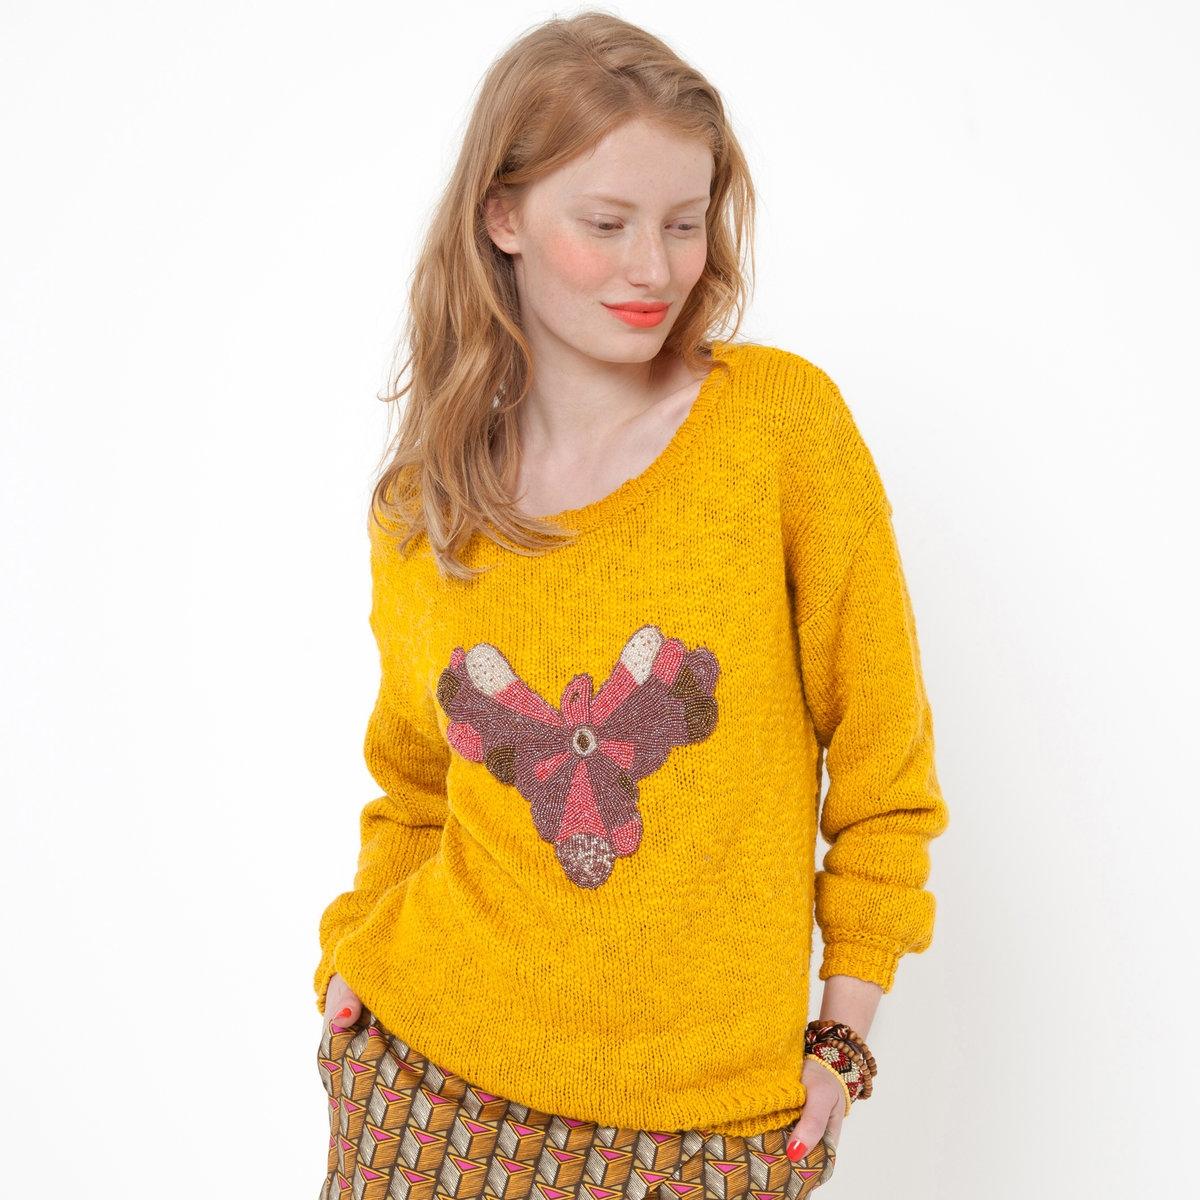 Пуловер с длинными рукавамиПуловер. 84% хлопка, 16% акрила. Длинные рукава. Украшение с бусинами. Длина 62 см.<br><br>Цвет: медовый